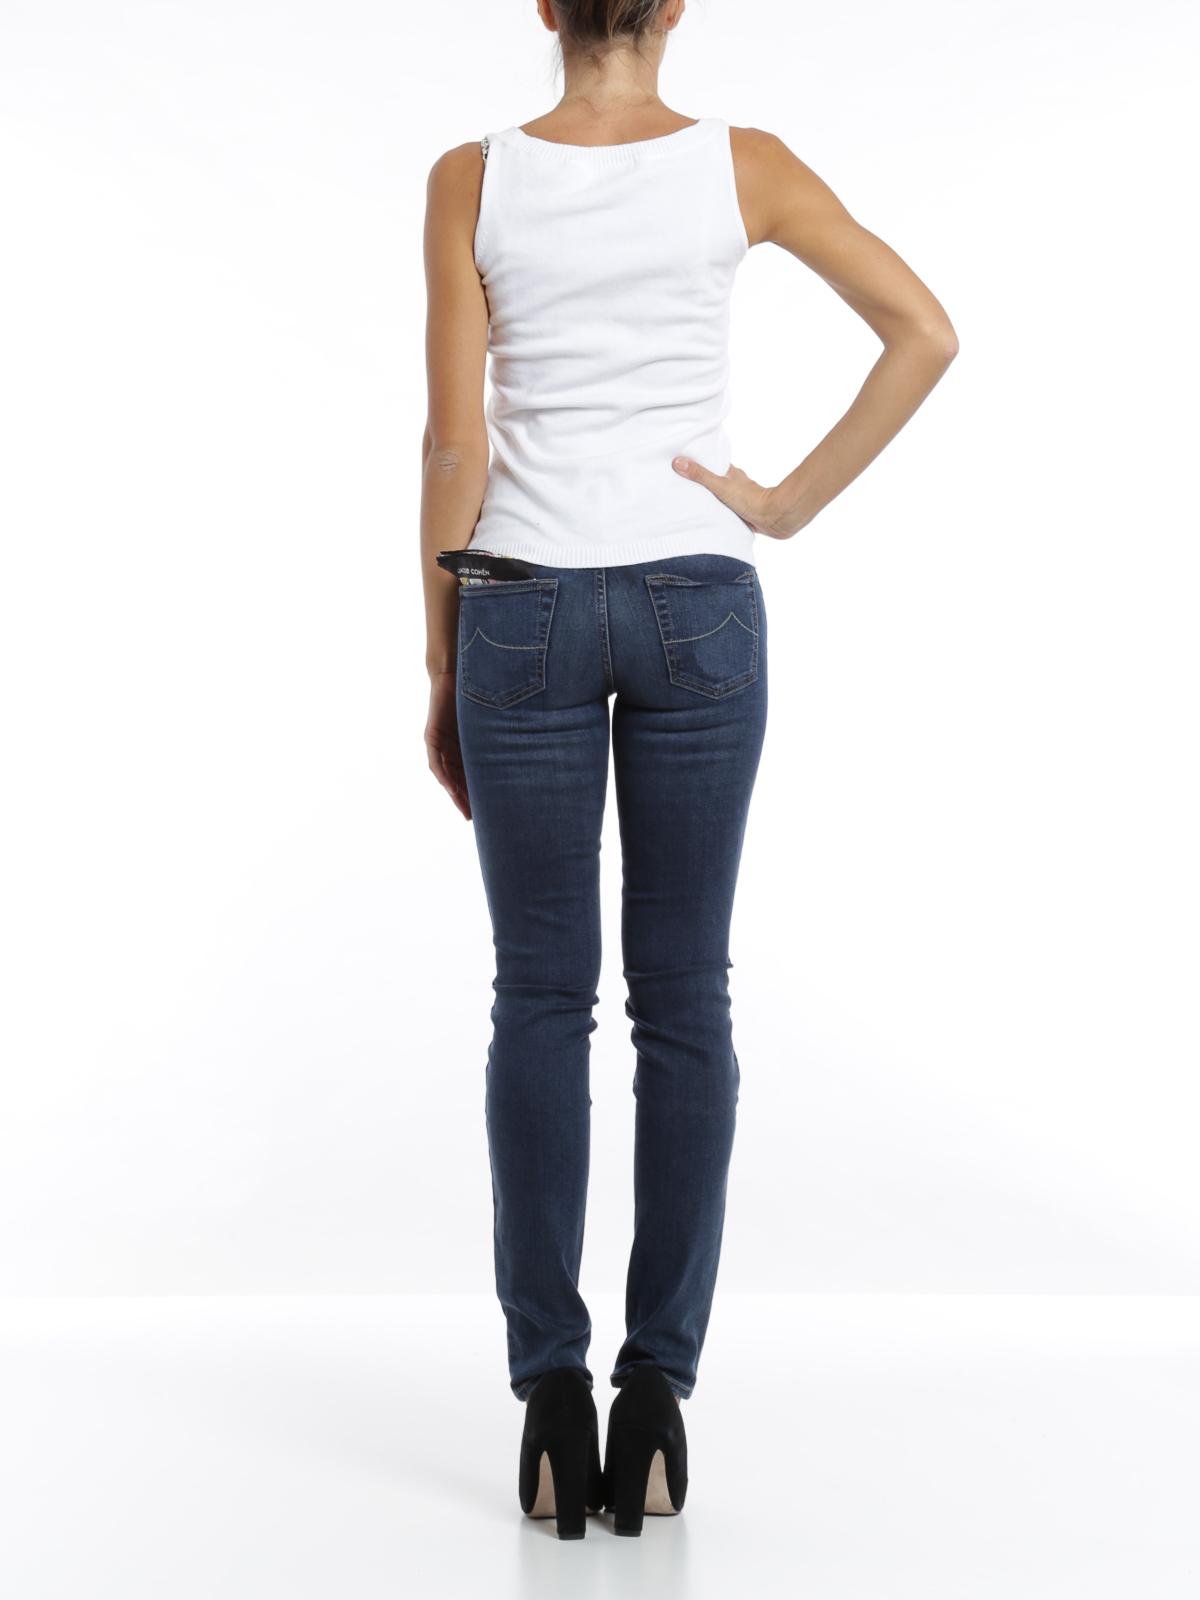 jeans jocelyn jacob cohen jeans skinny ikrix. Black Bedroom Furniture Sets. Home Design Ideas